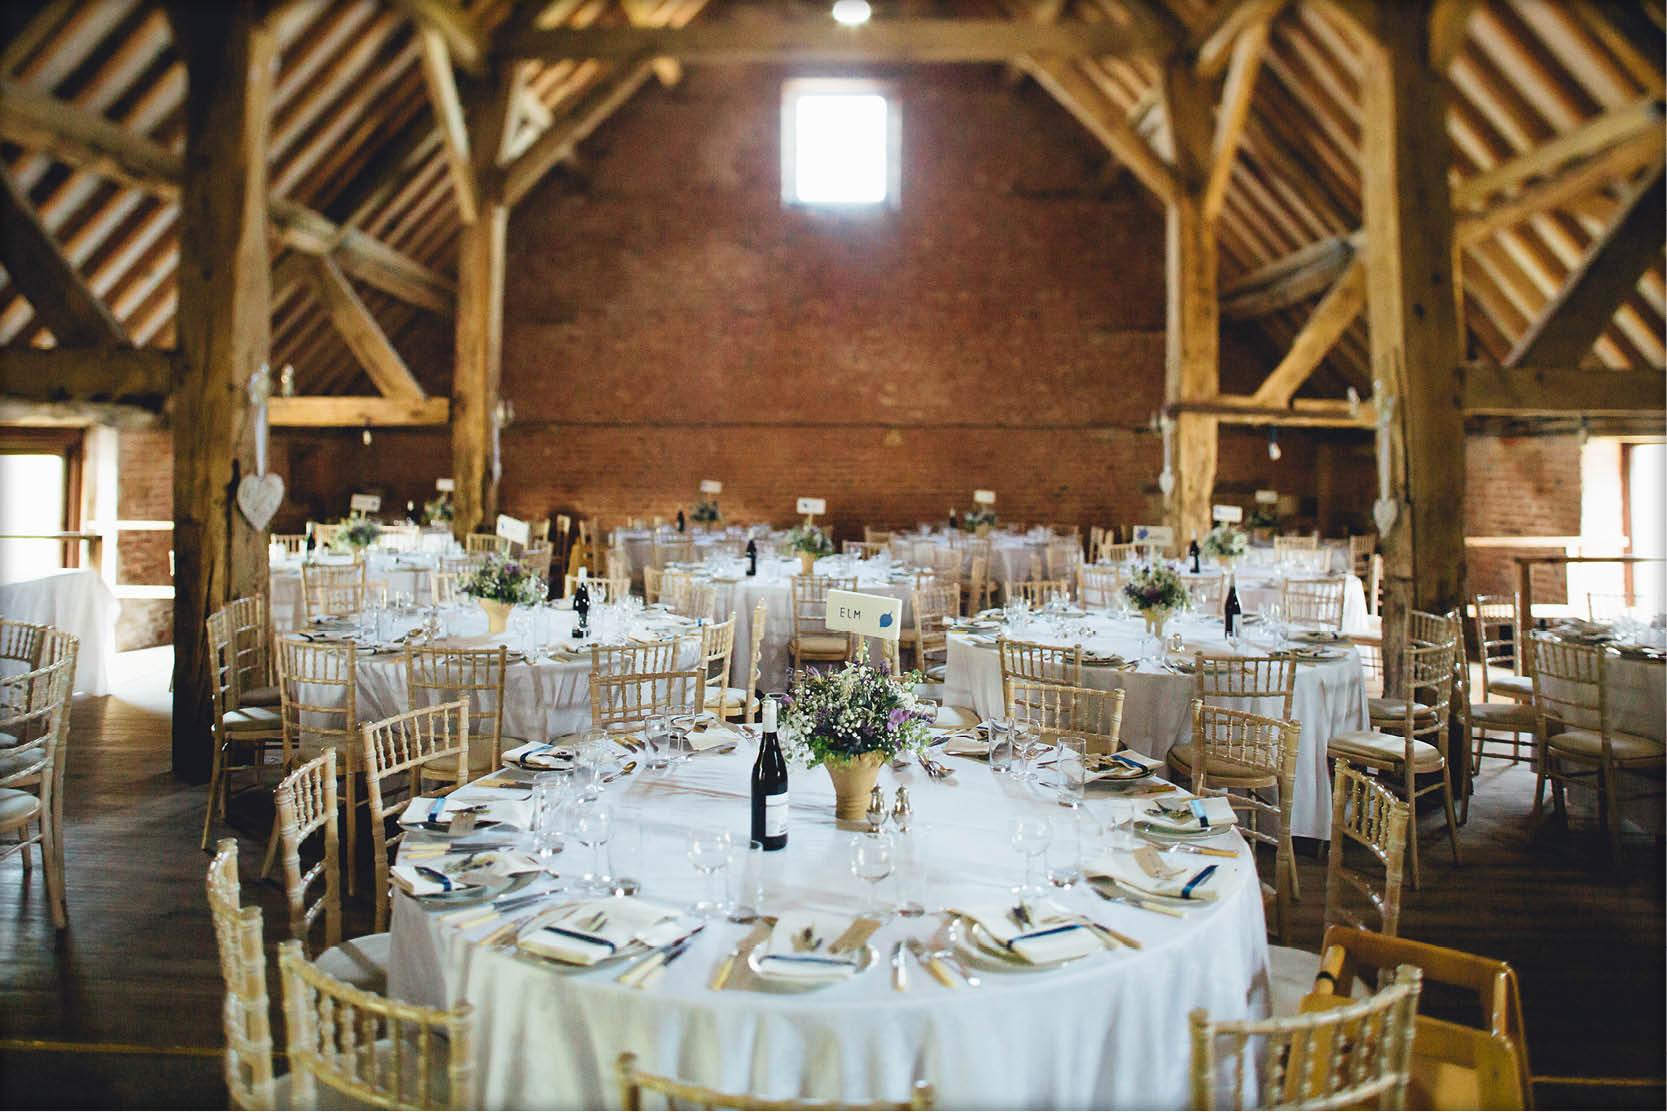 Barford Park Barn Wedding - Reception Layout